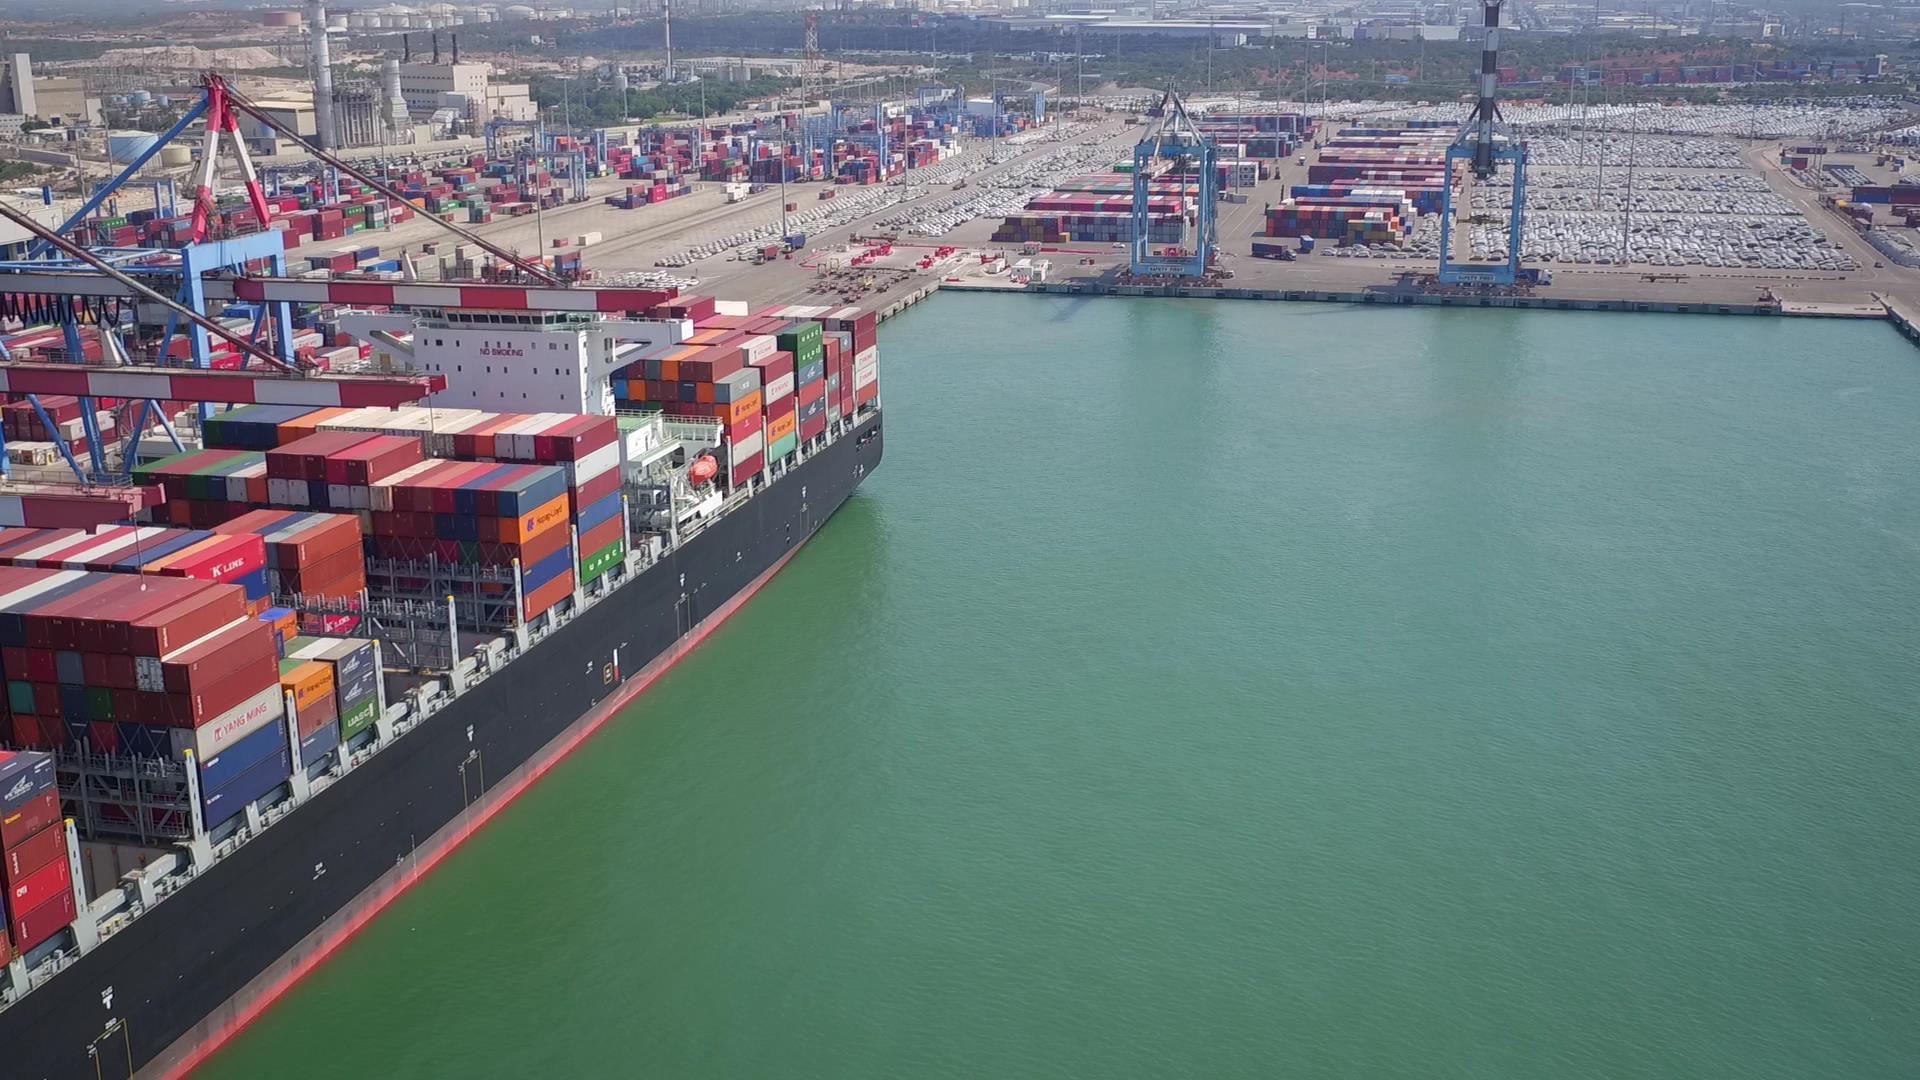 נמל אשדוד יצאה במכרז לאיתור סוכן ביטוח לביטוח הבריאות הקבוצתי